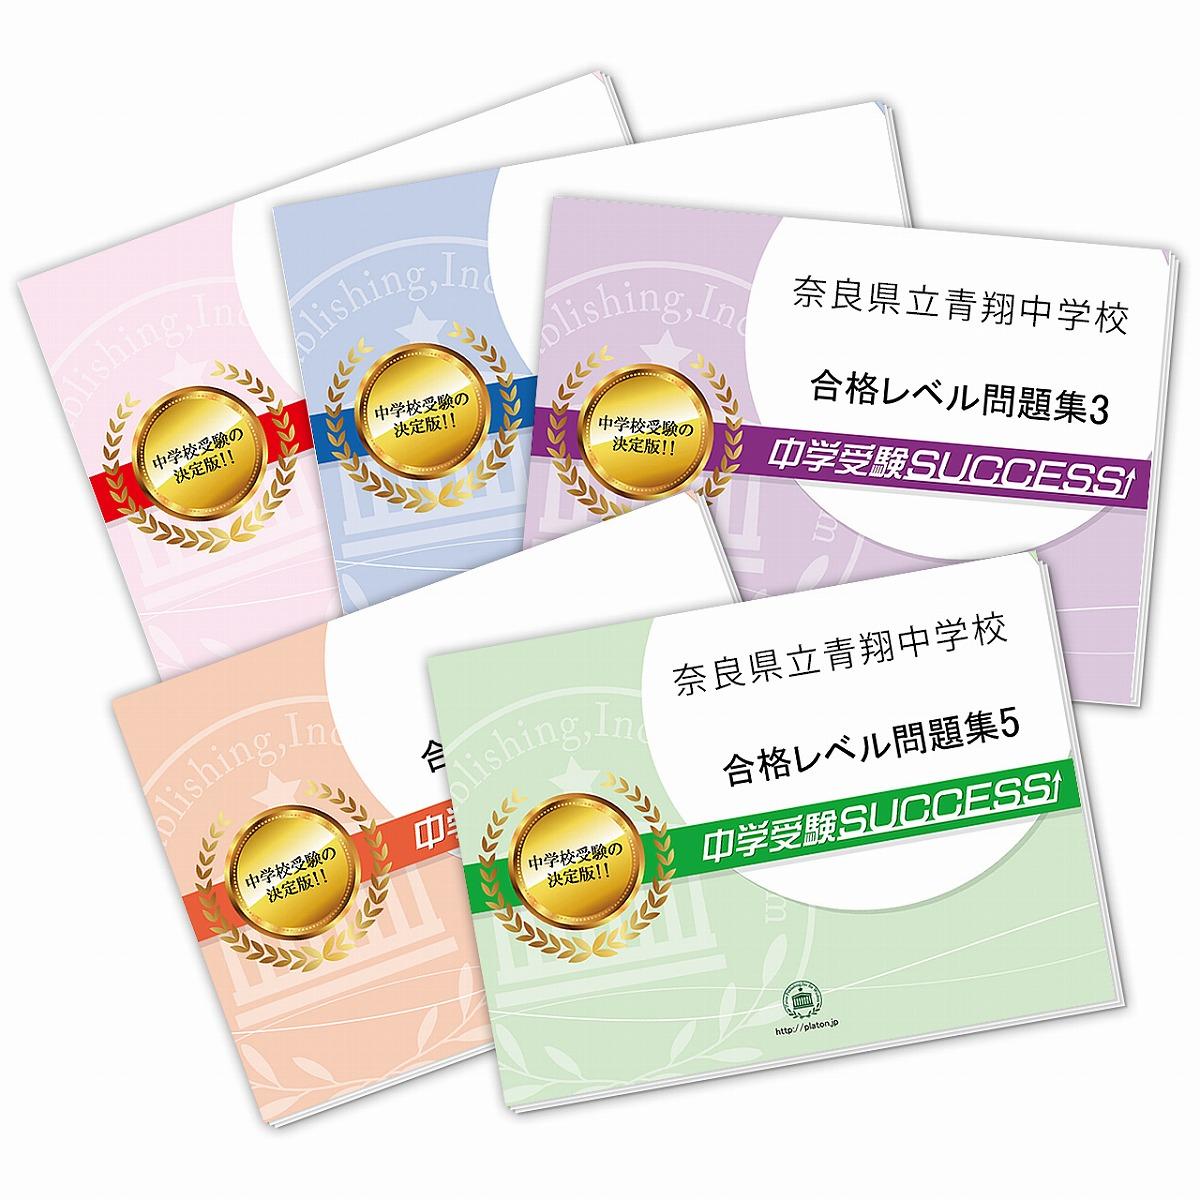 【送料・代引手数料無料】奈良県立青翔中学校・直前対策合格セット(5冊)